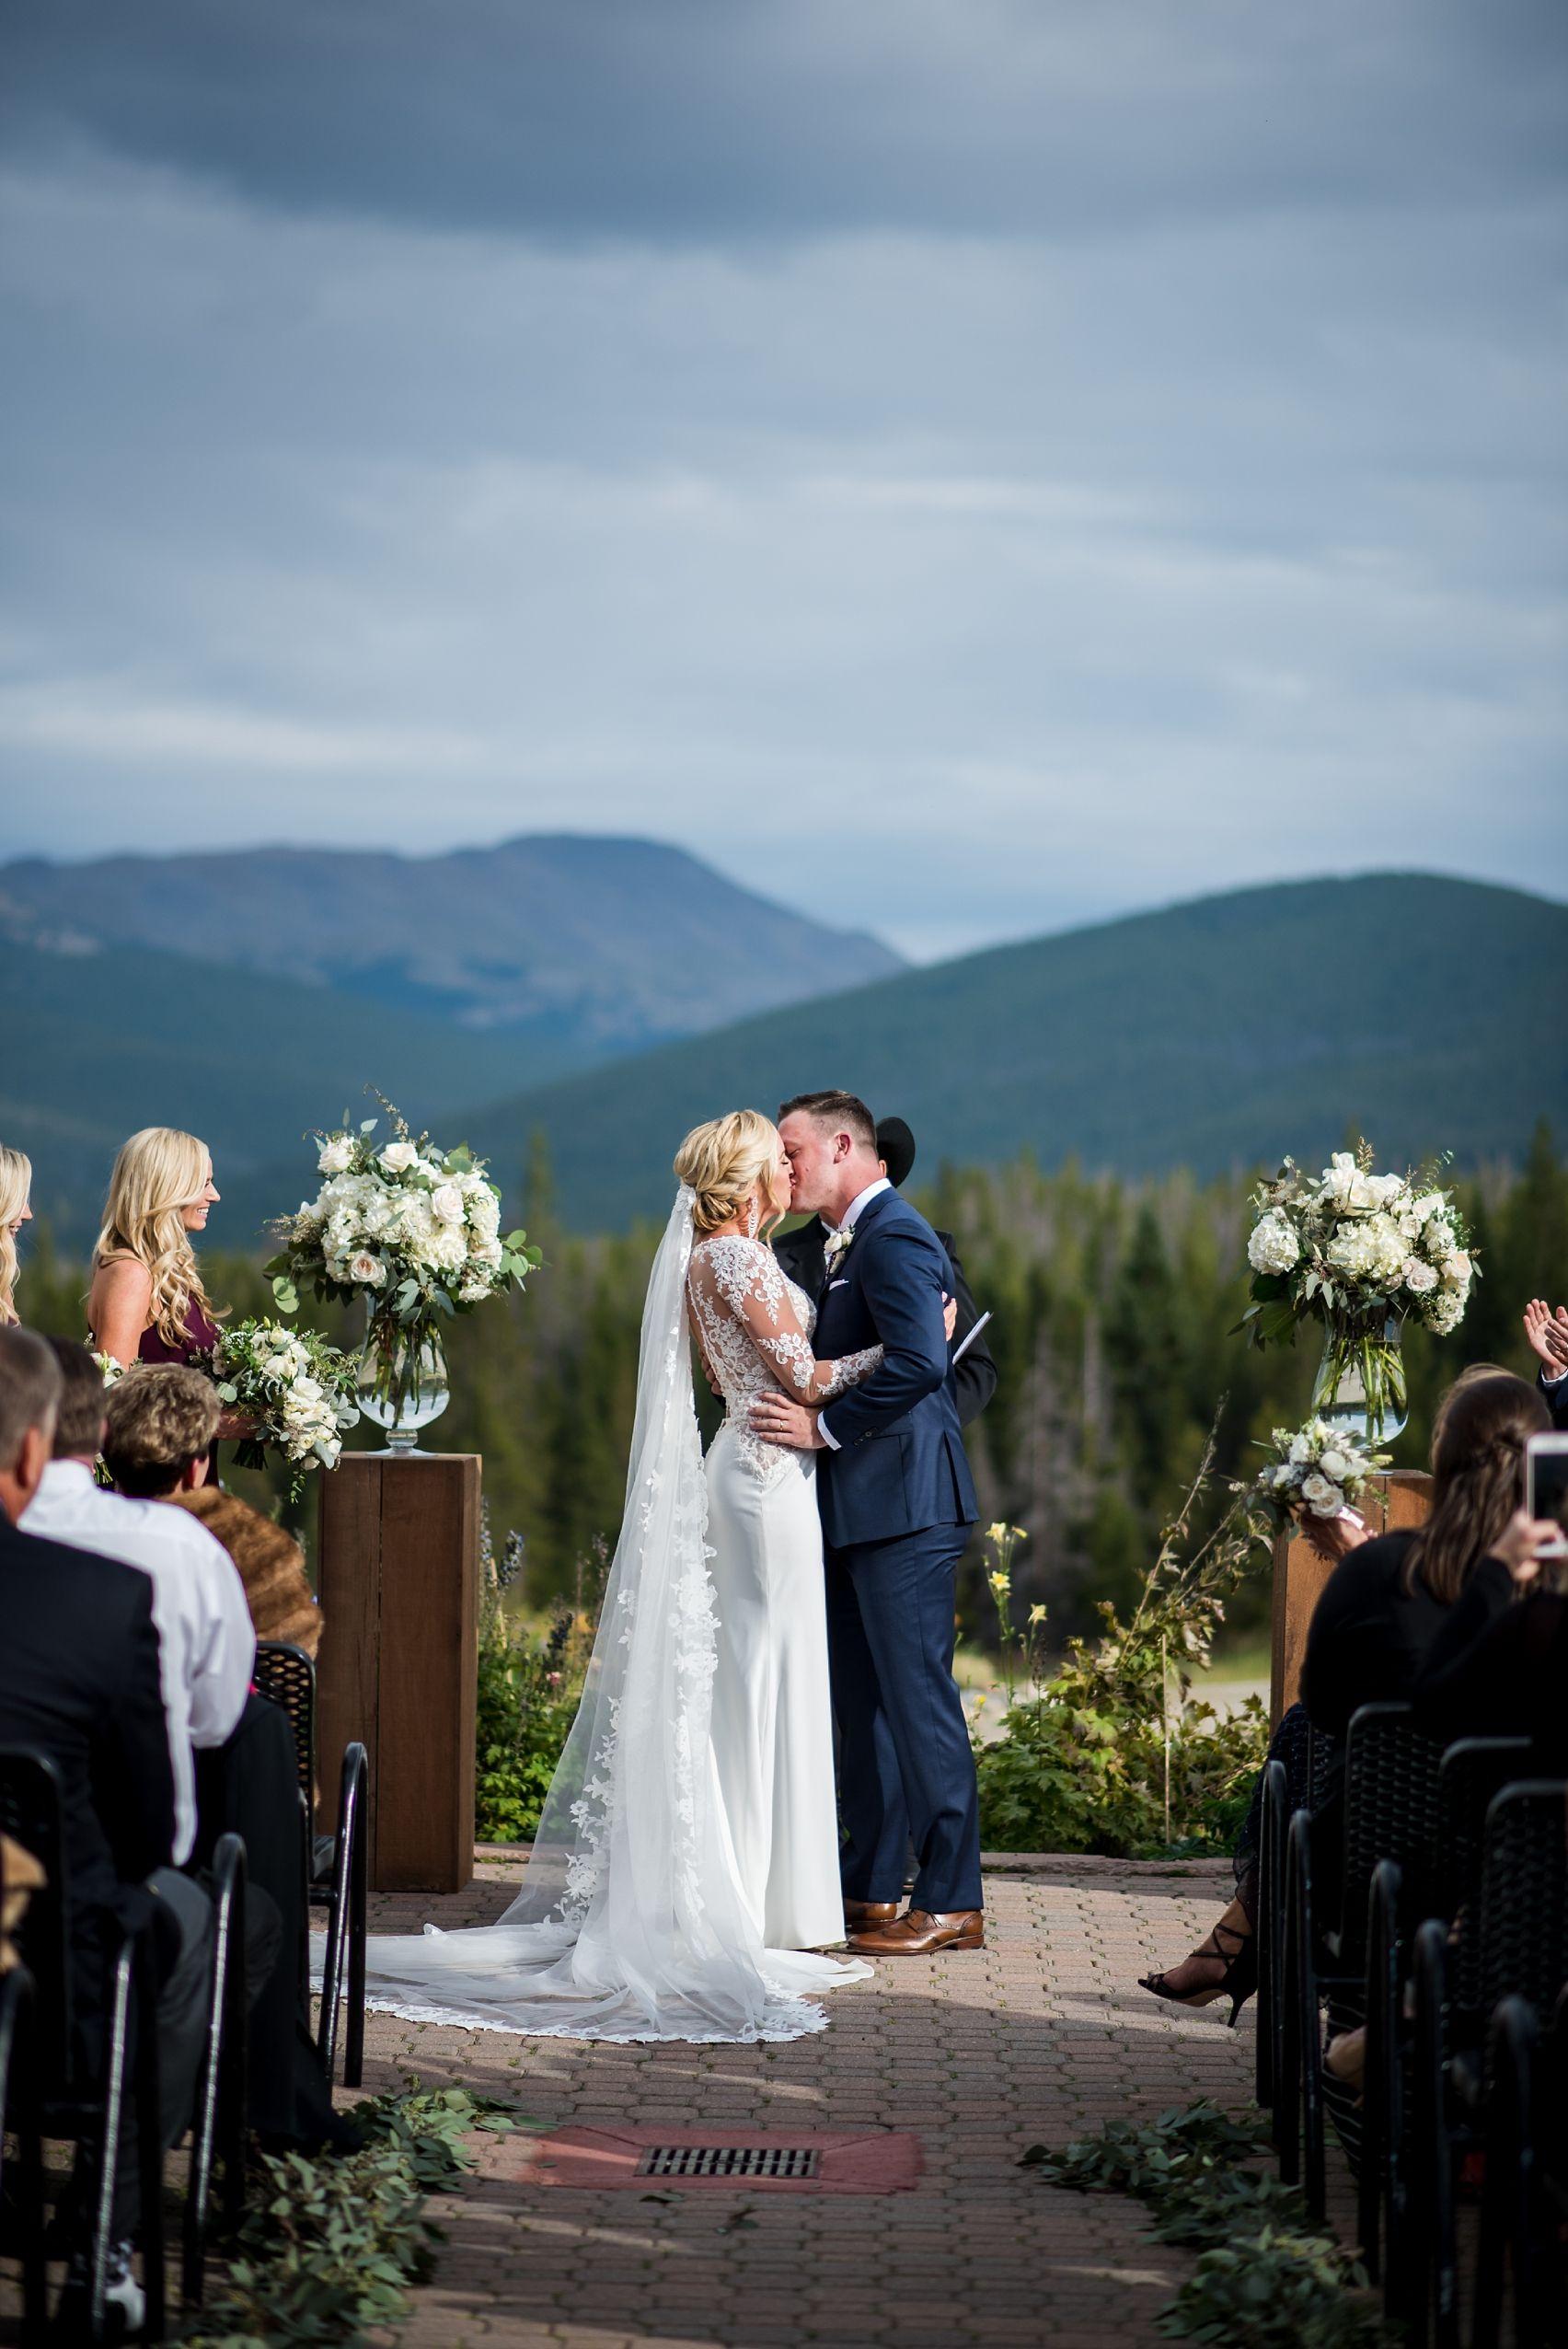 Ten Mile Station Weddings Breckenridge wedding, Colorado